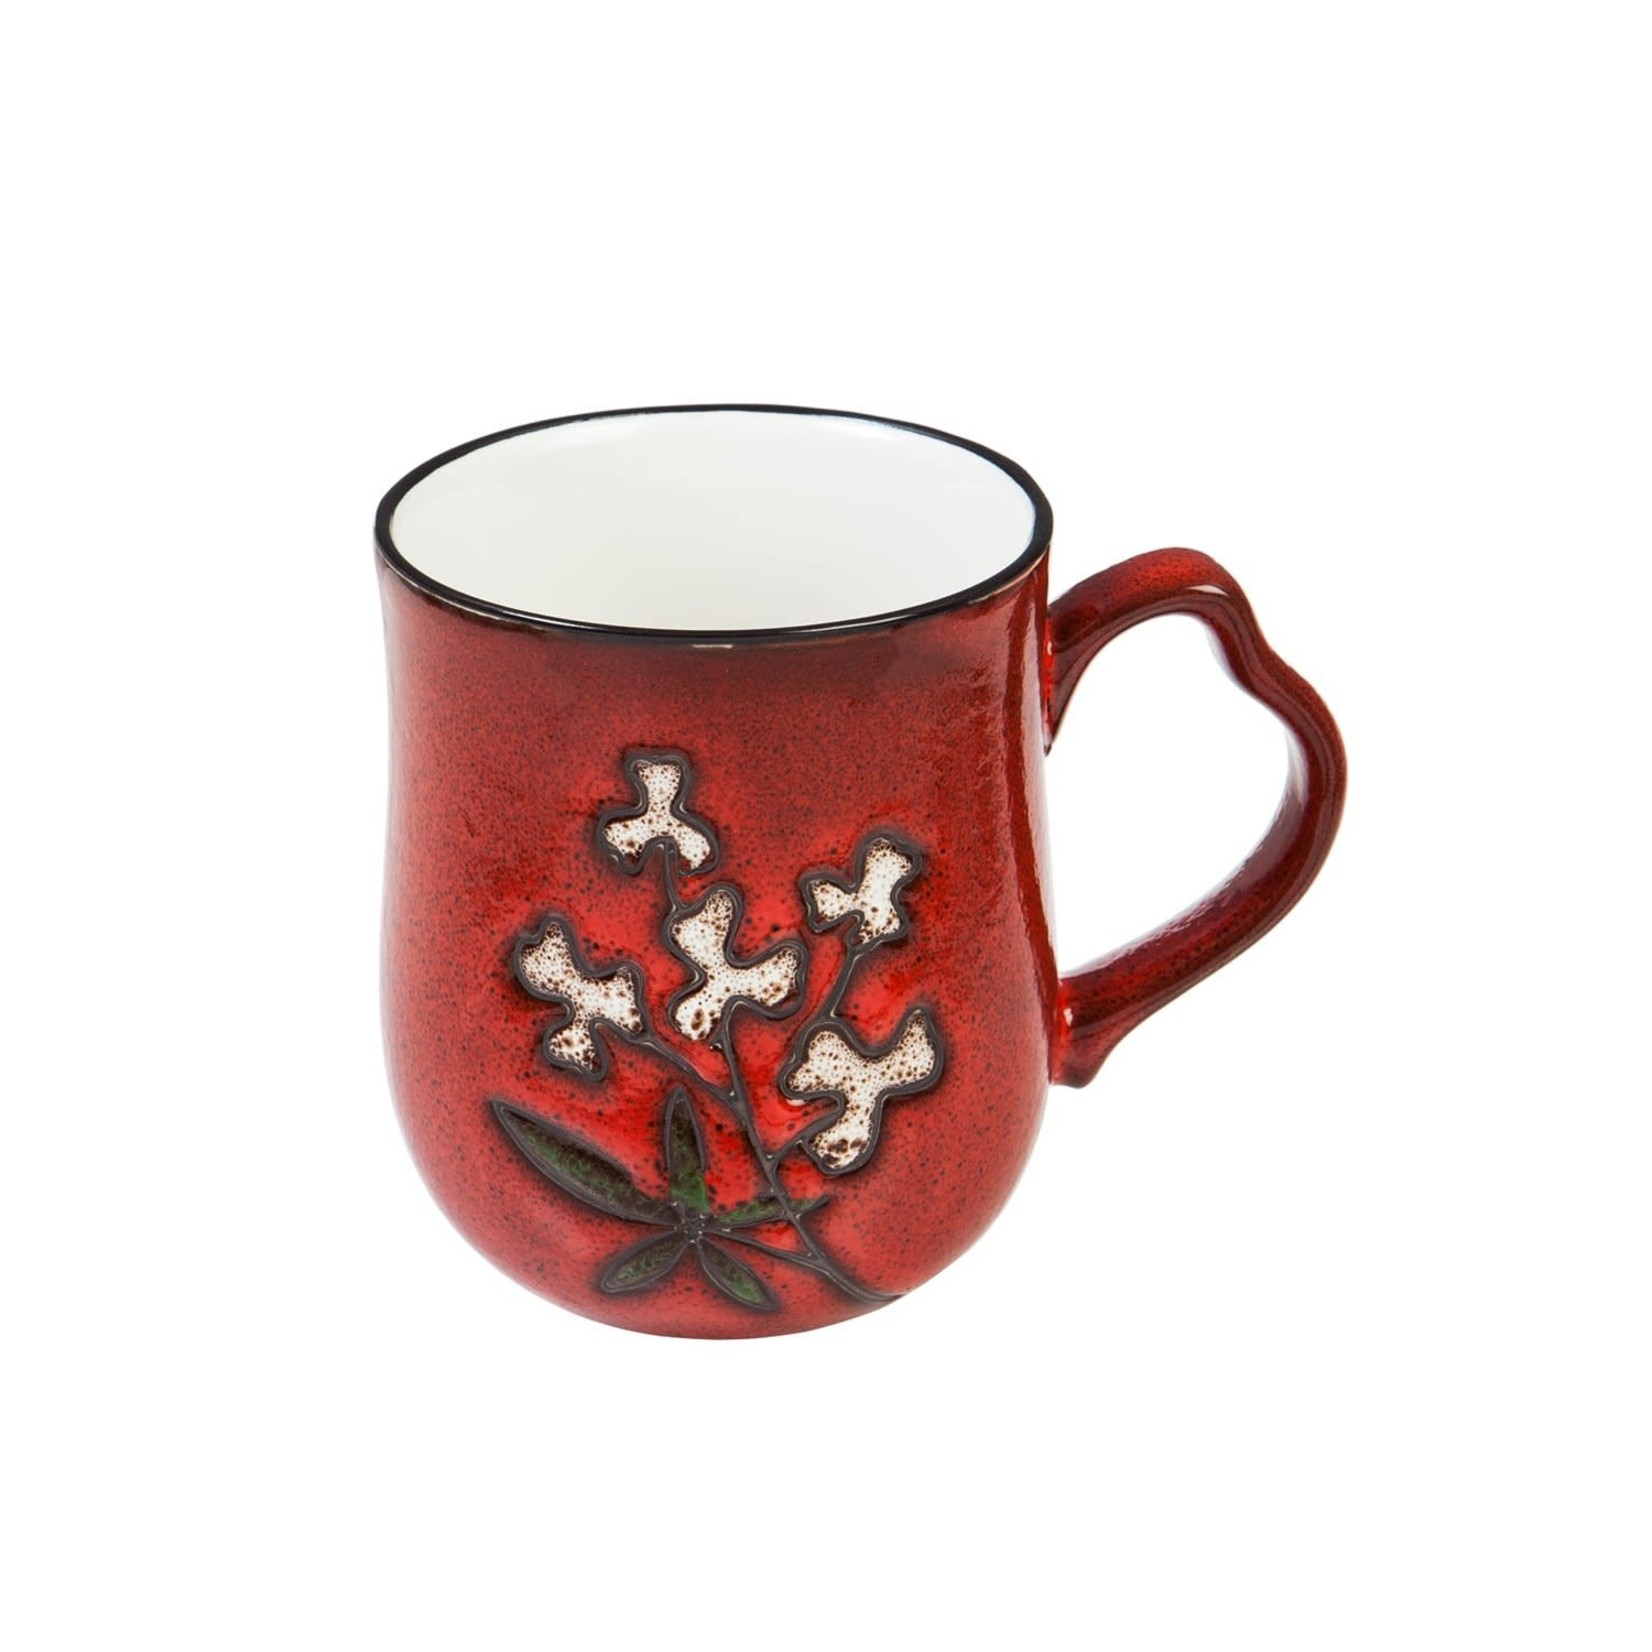 Artisan Series Red Wistful Floral 10oz mug